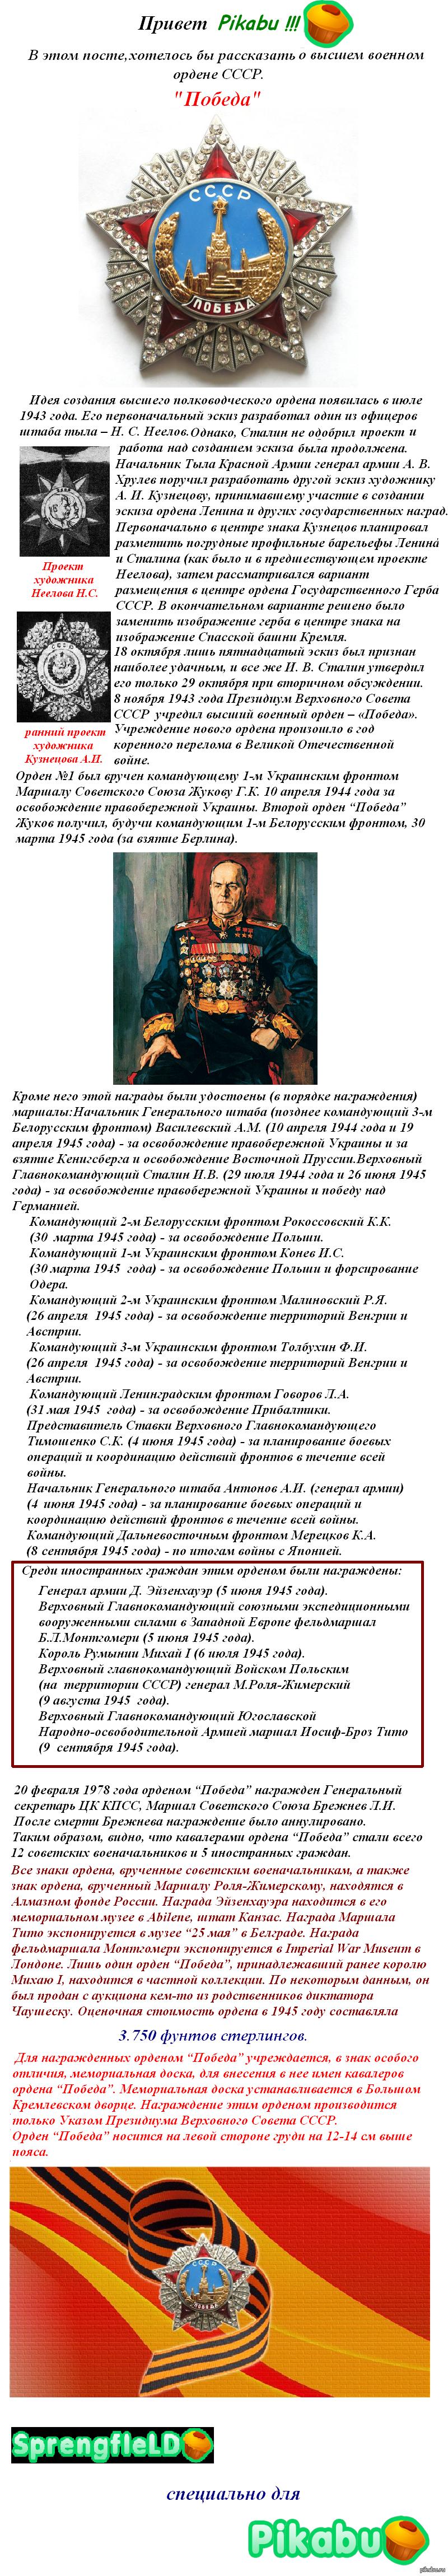 """Орден """"Победа"""" высший военный орден СССР."""